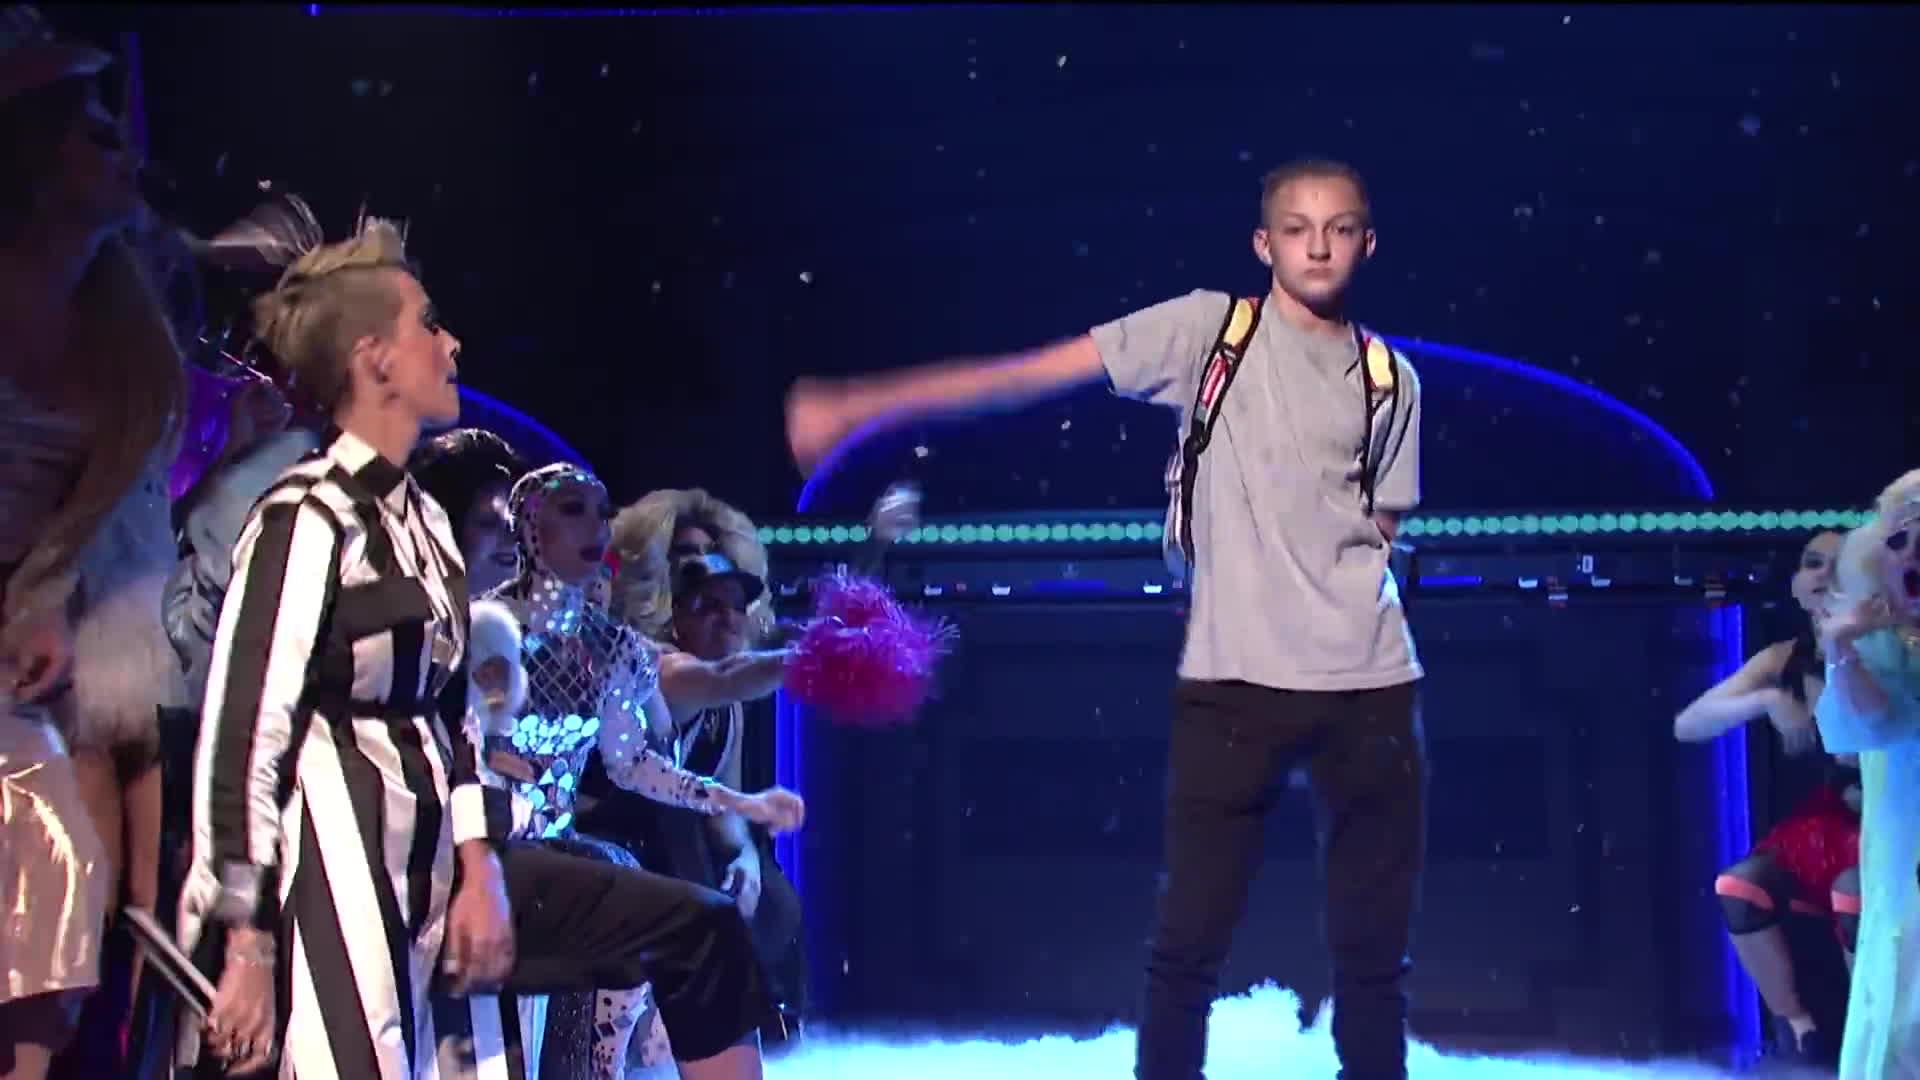 Thầy trò Lukkade giành quán quân The Face Men nhờ vũ đạo chiến thắng của Katy Perry?